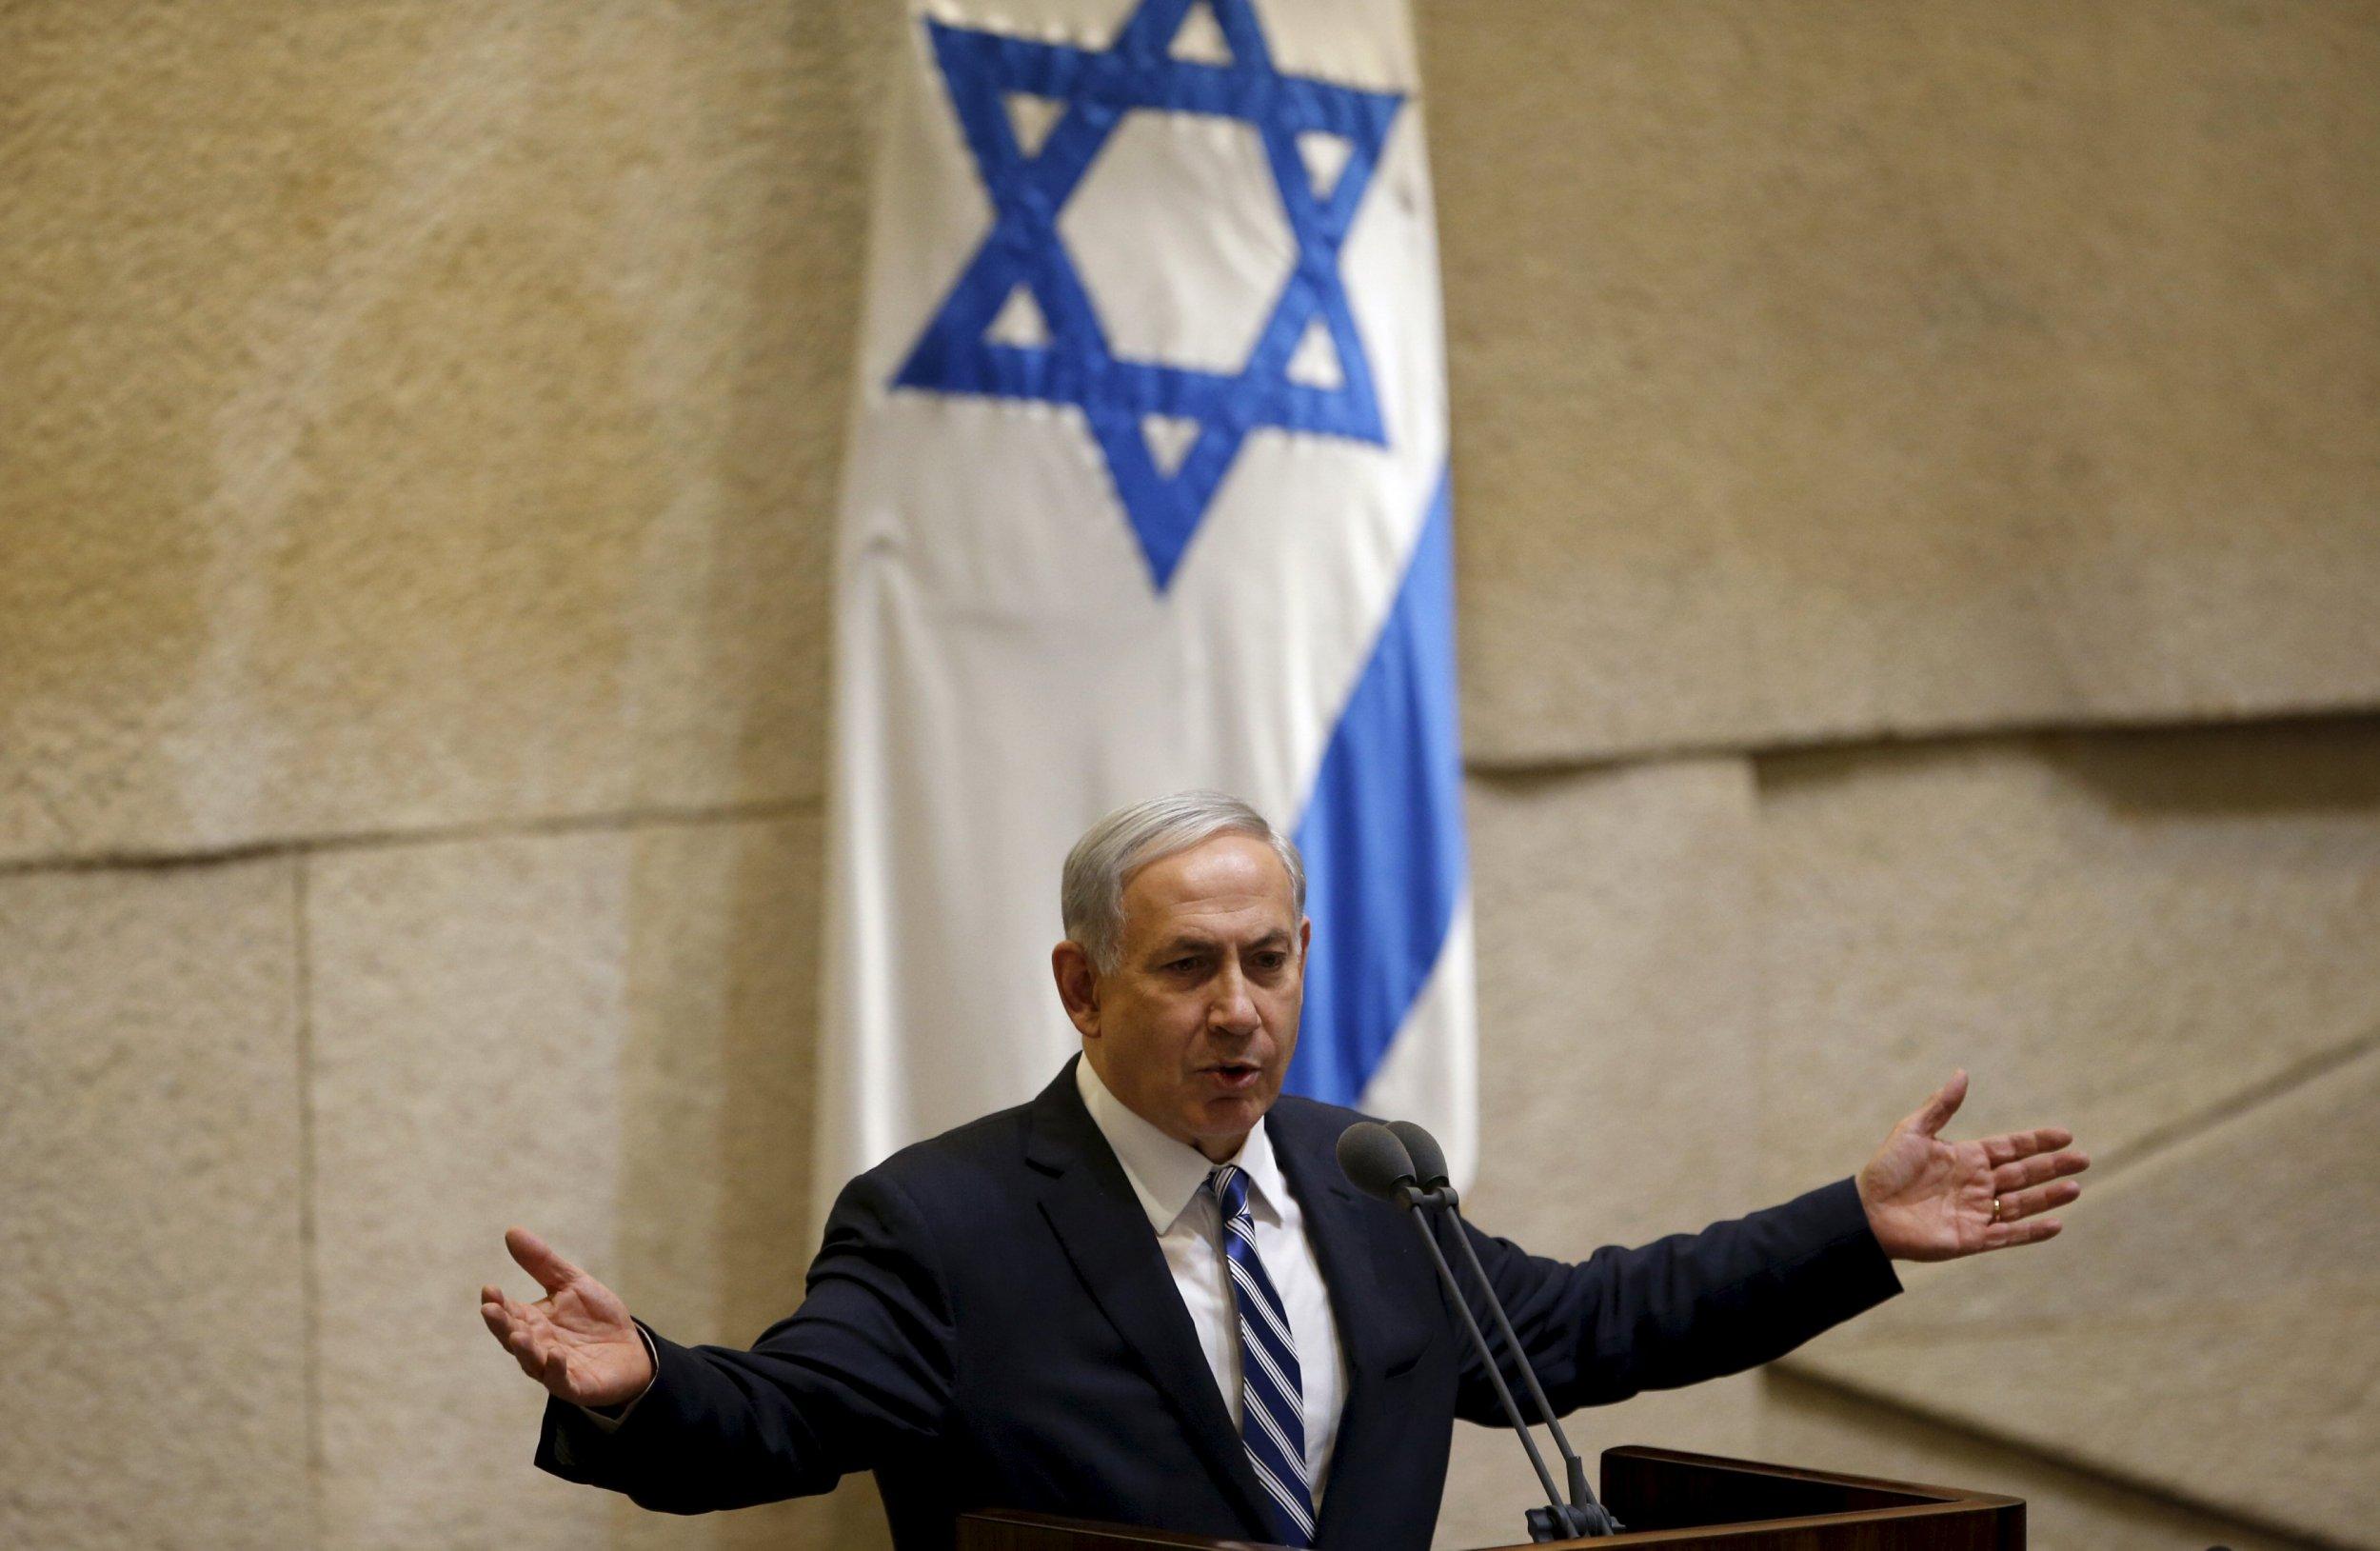 2015-05-06T193713Z_1_LYNXMPEB450ZA_RTROPTP_4_CNEWS-US-ISRAEL-POLITICS